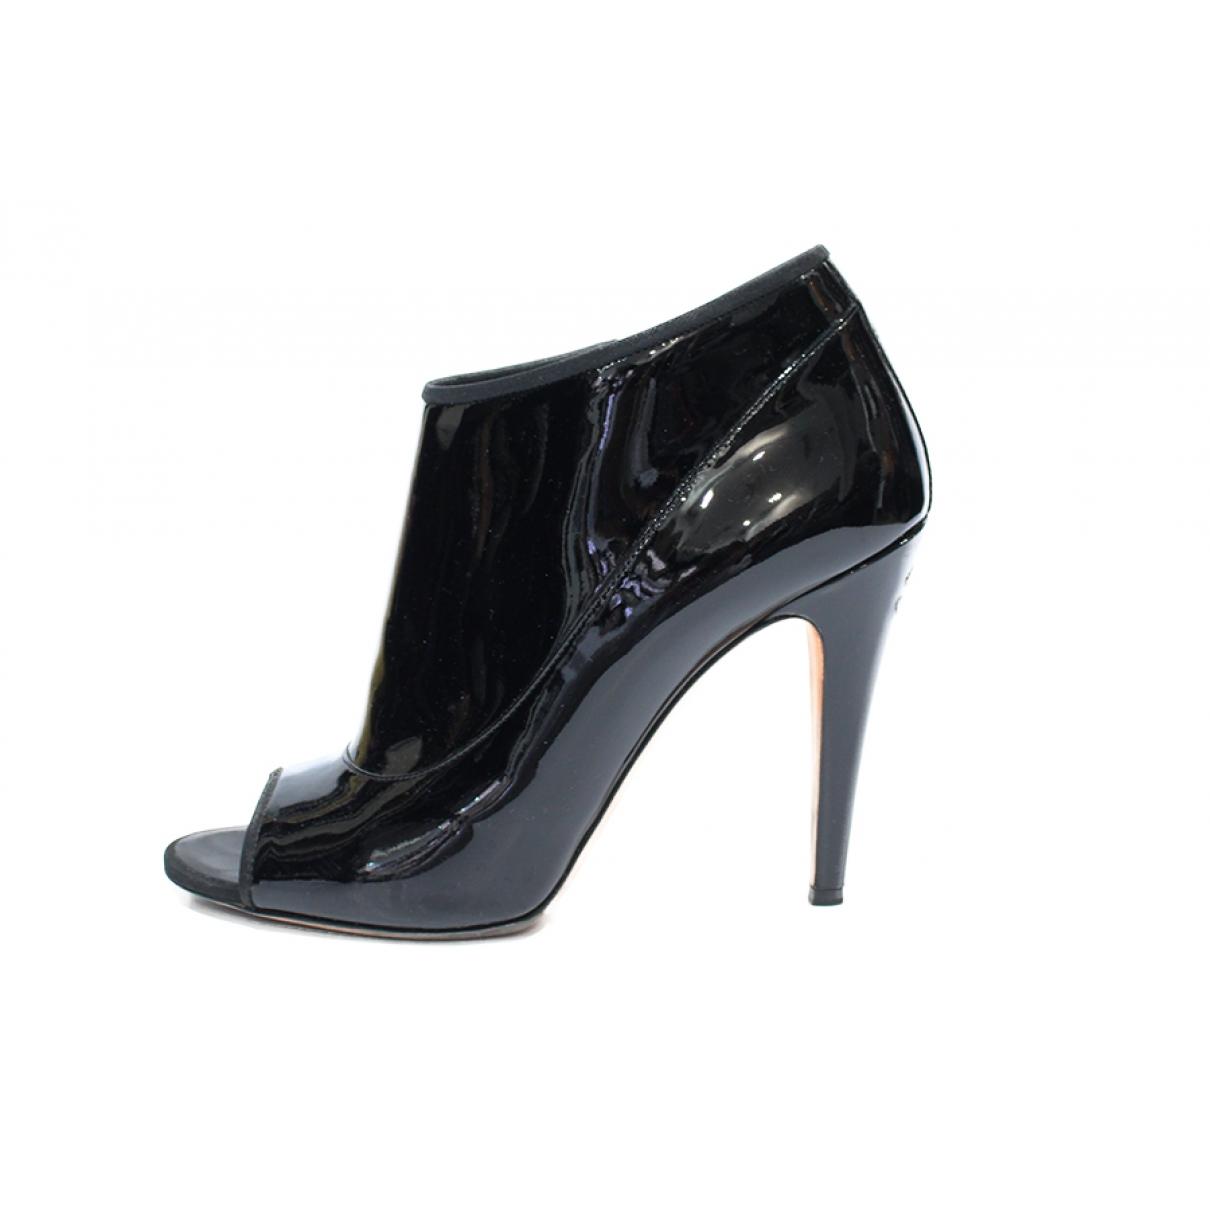 Chanel \N Stiefeletten in  Schwarz Lackleder